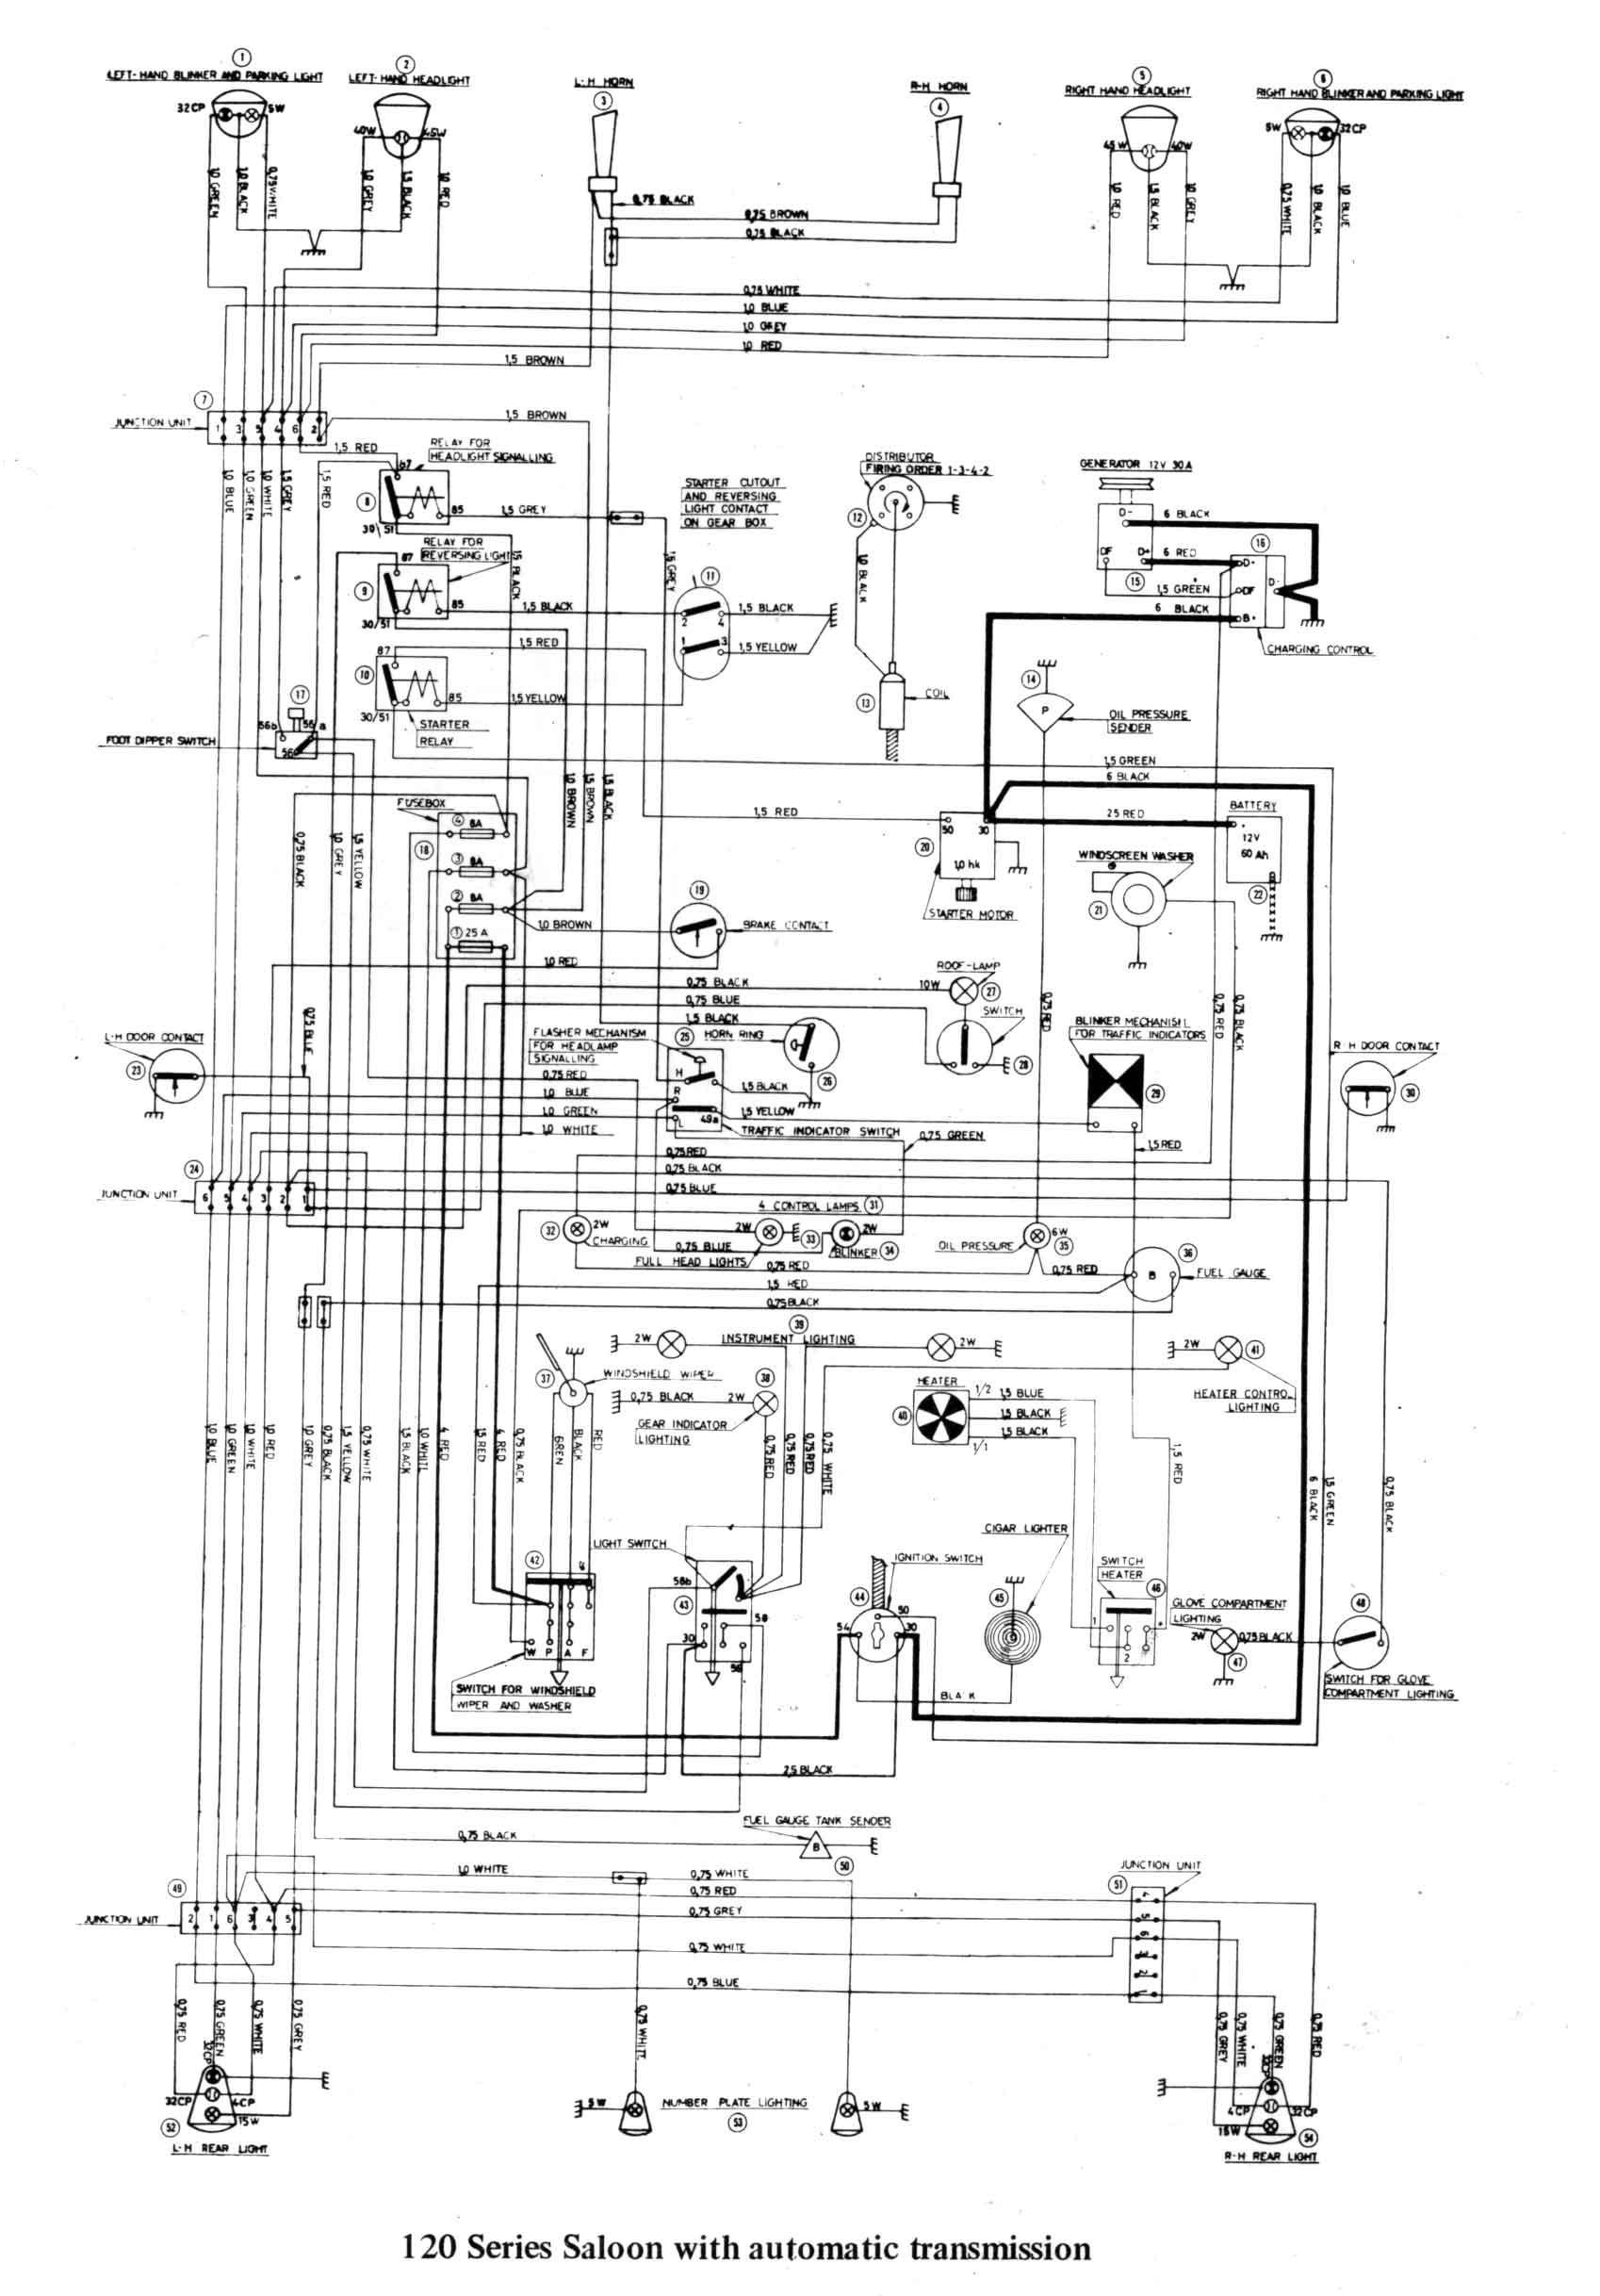 Engine Starter Diagram Sw Em Od Retrofitting On A Vintage Volvo Of Engine Starter Diagram